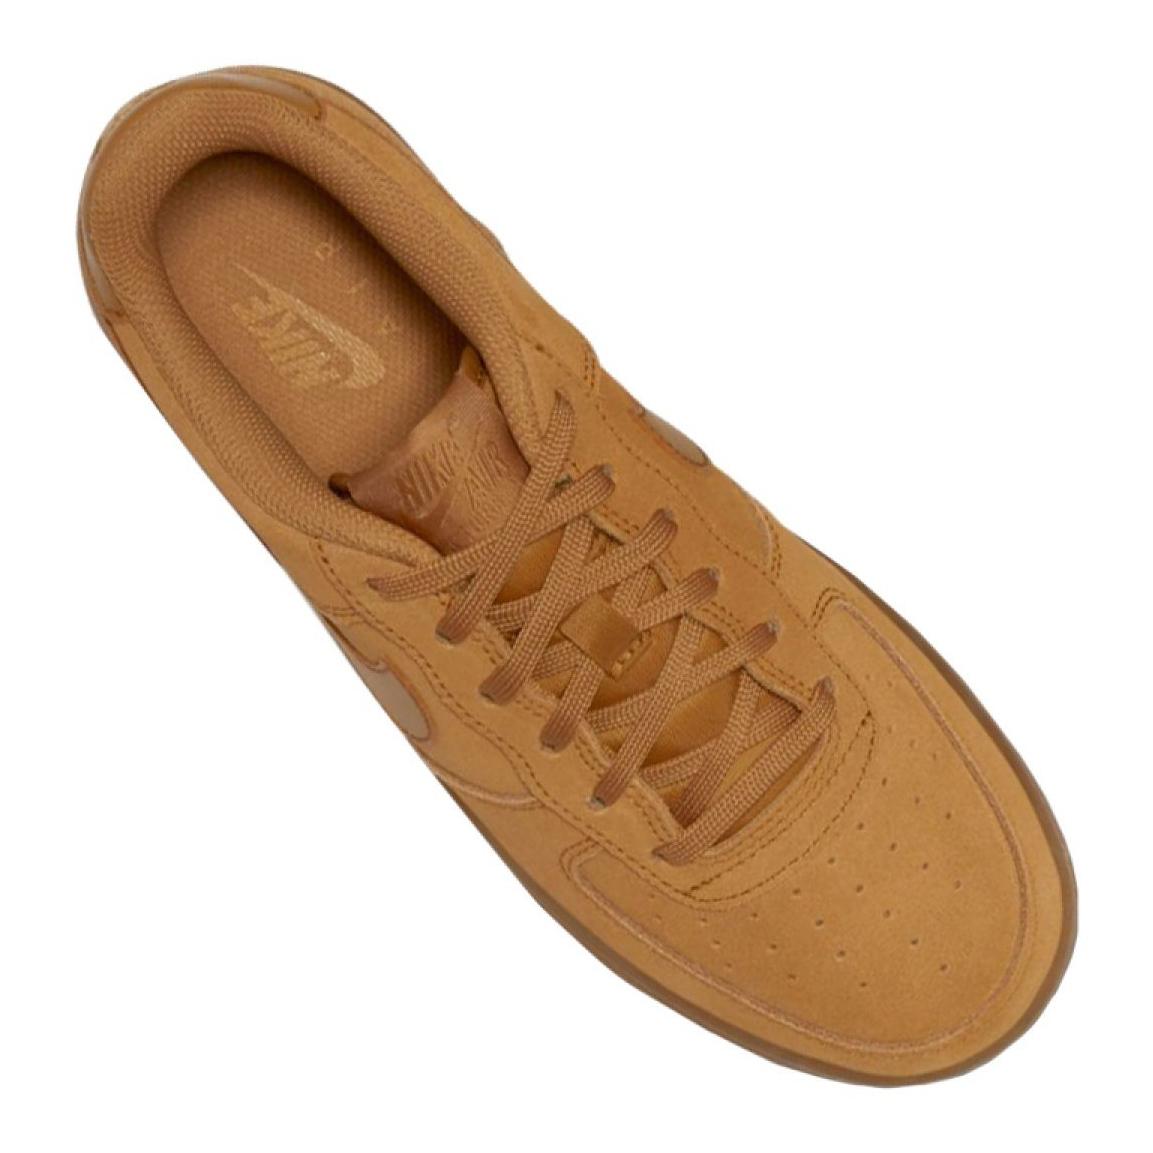 Nike Air Force 1 LV8 3 Zapatillas Niñoa